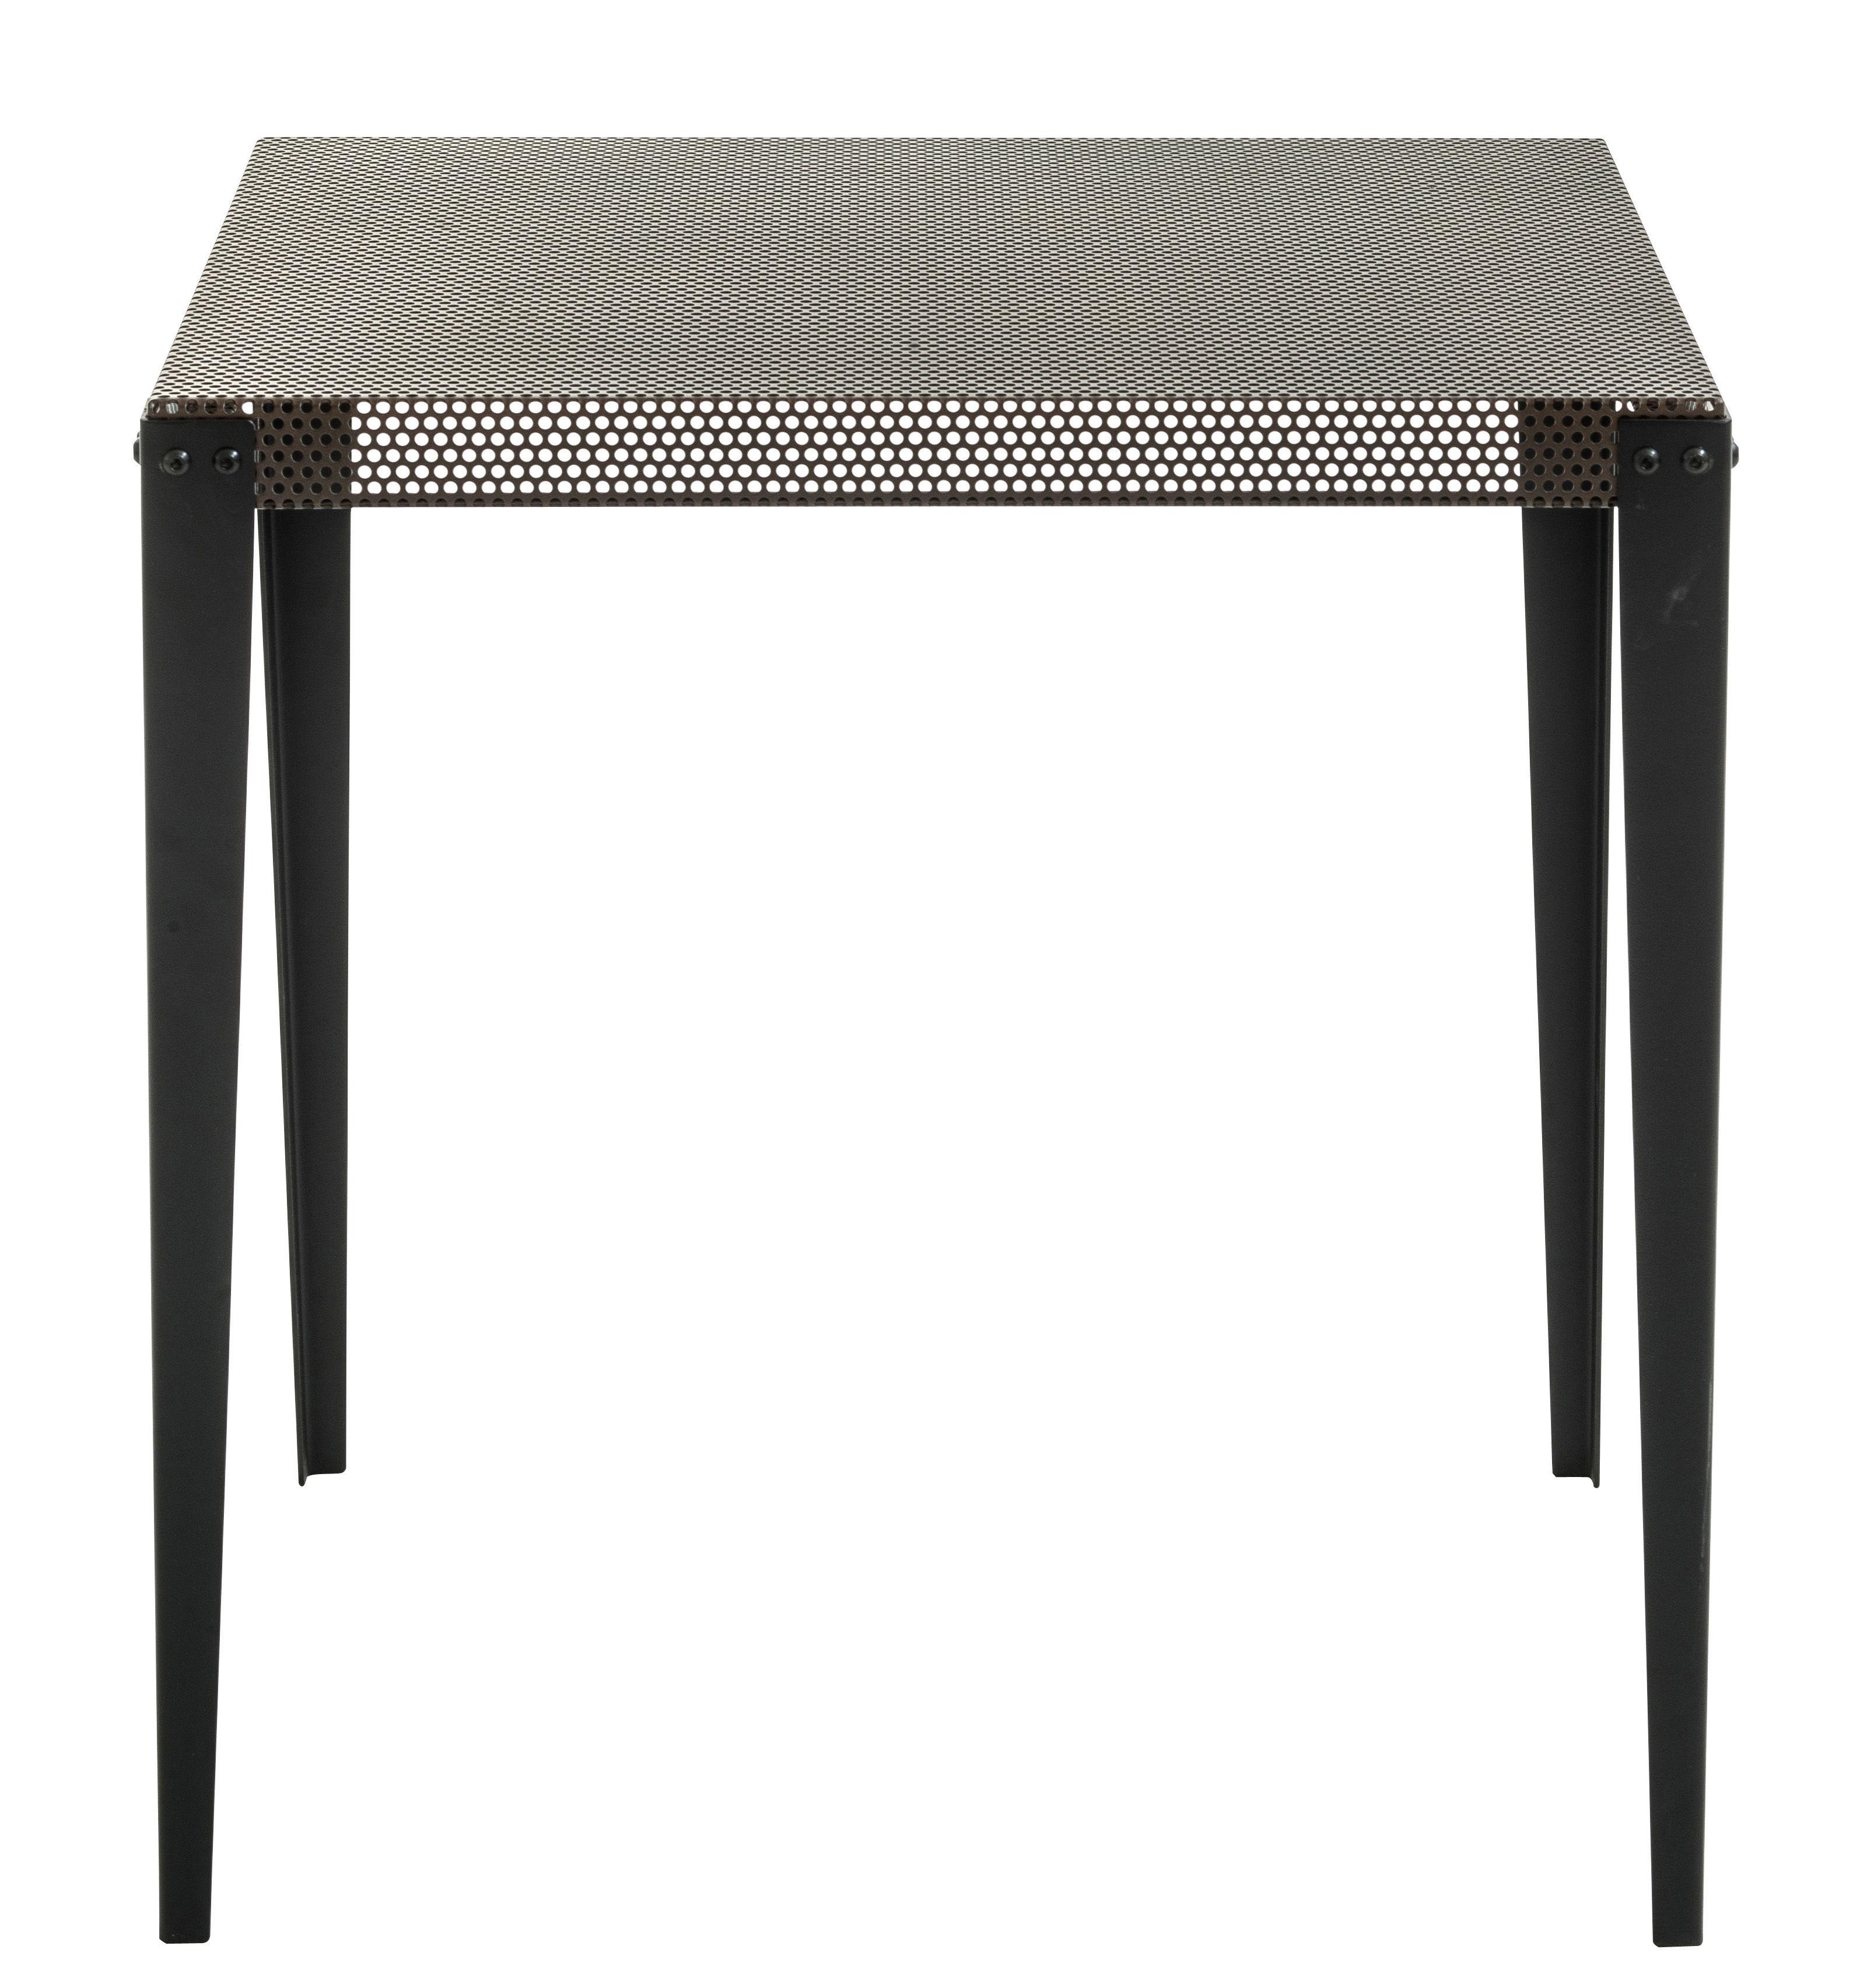 Arredamento - Tavoli - Tavolo quadrato Nizza - / 100 x 100 cm di Diesel with Moroso - Rame / Piedi neri - Acciaio verniciato